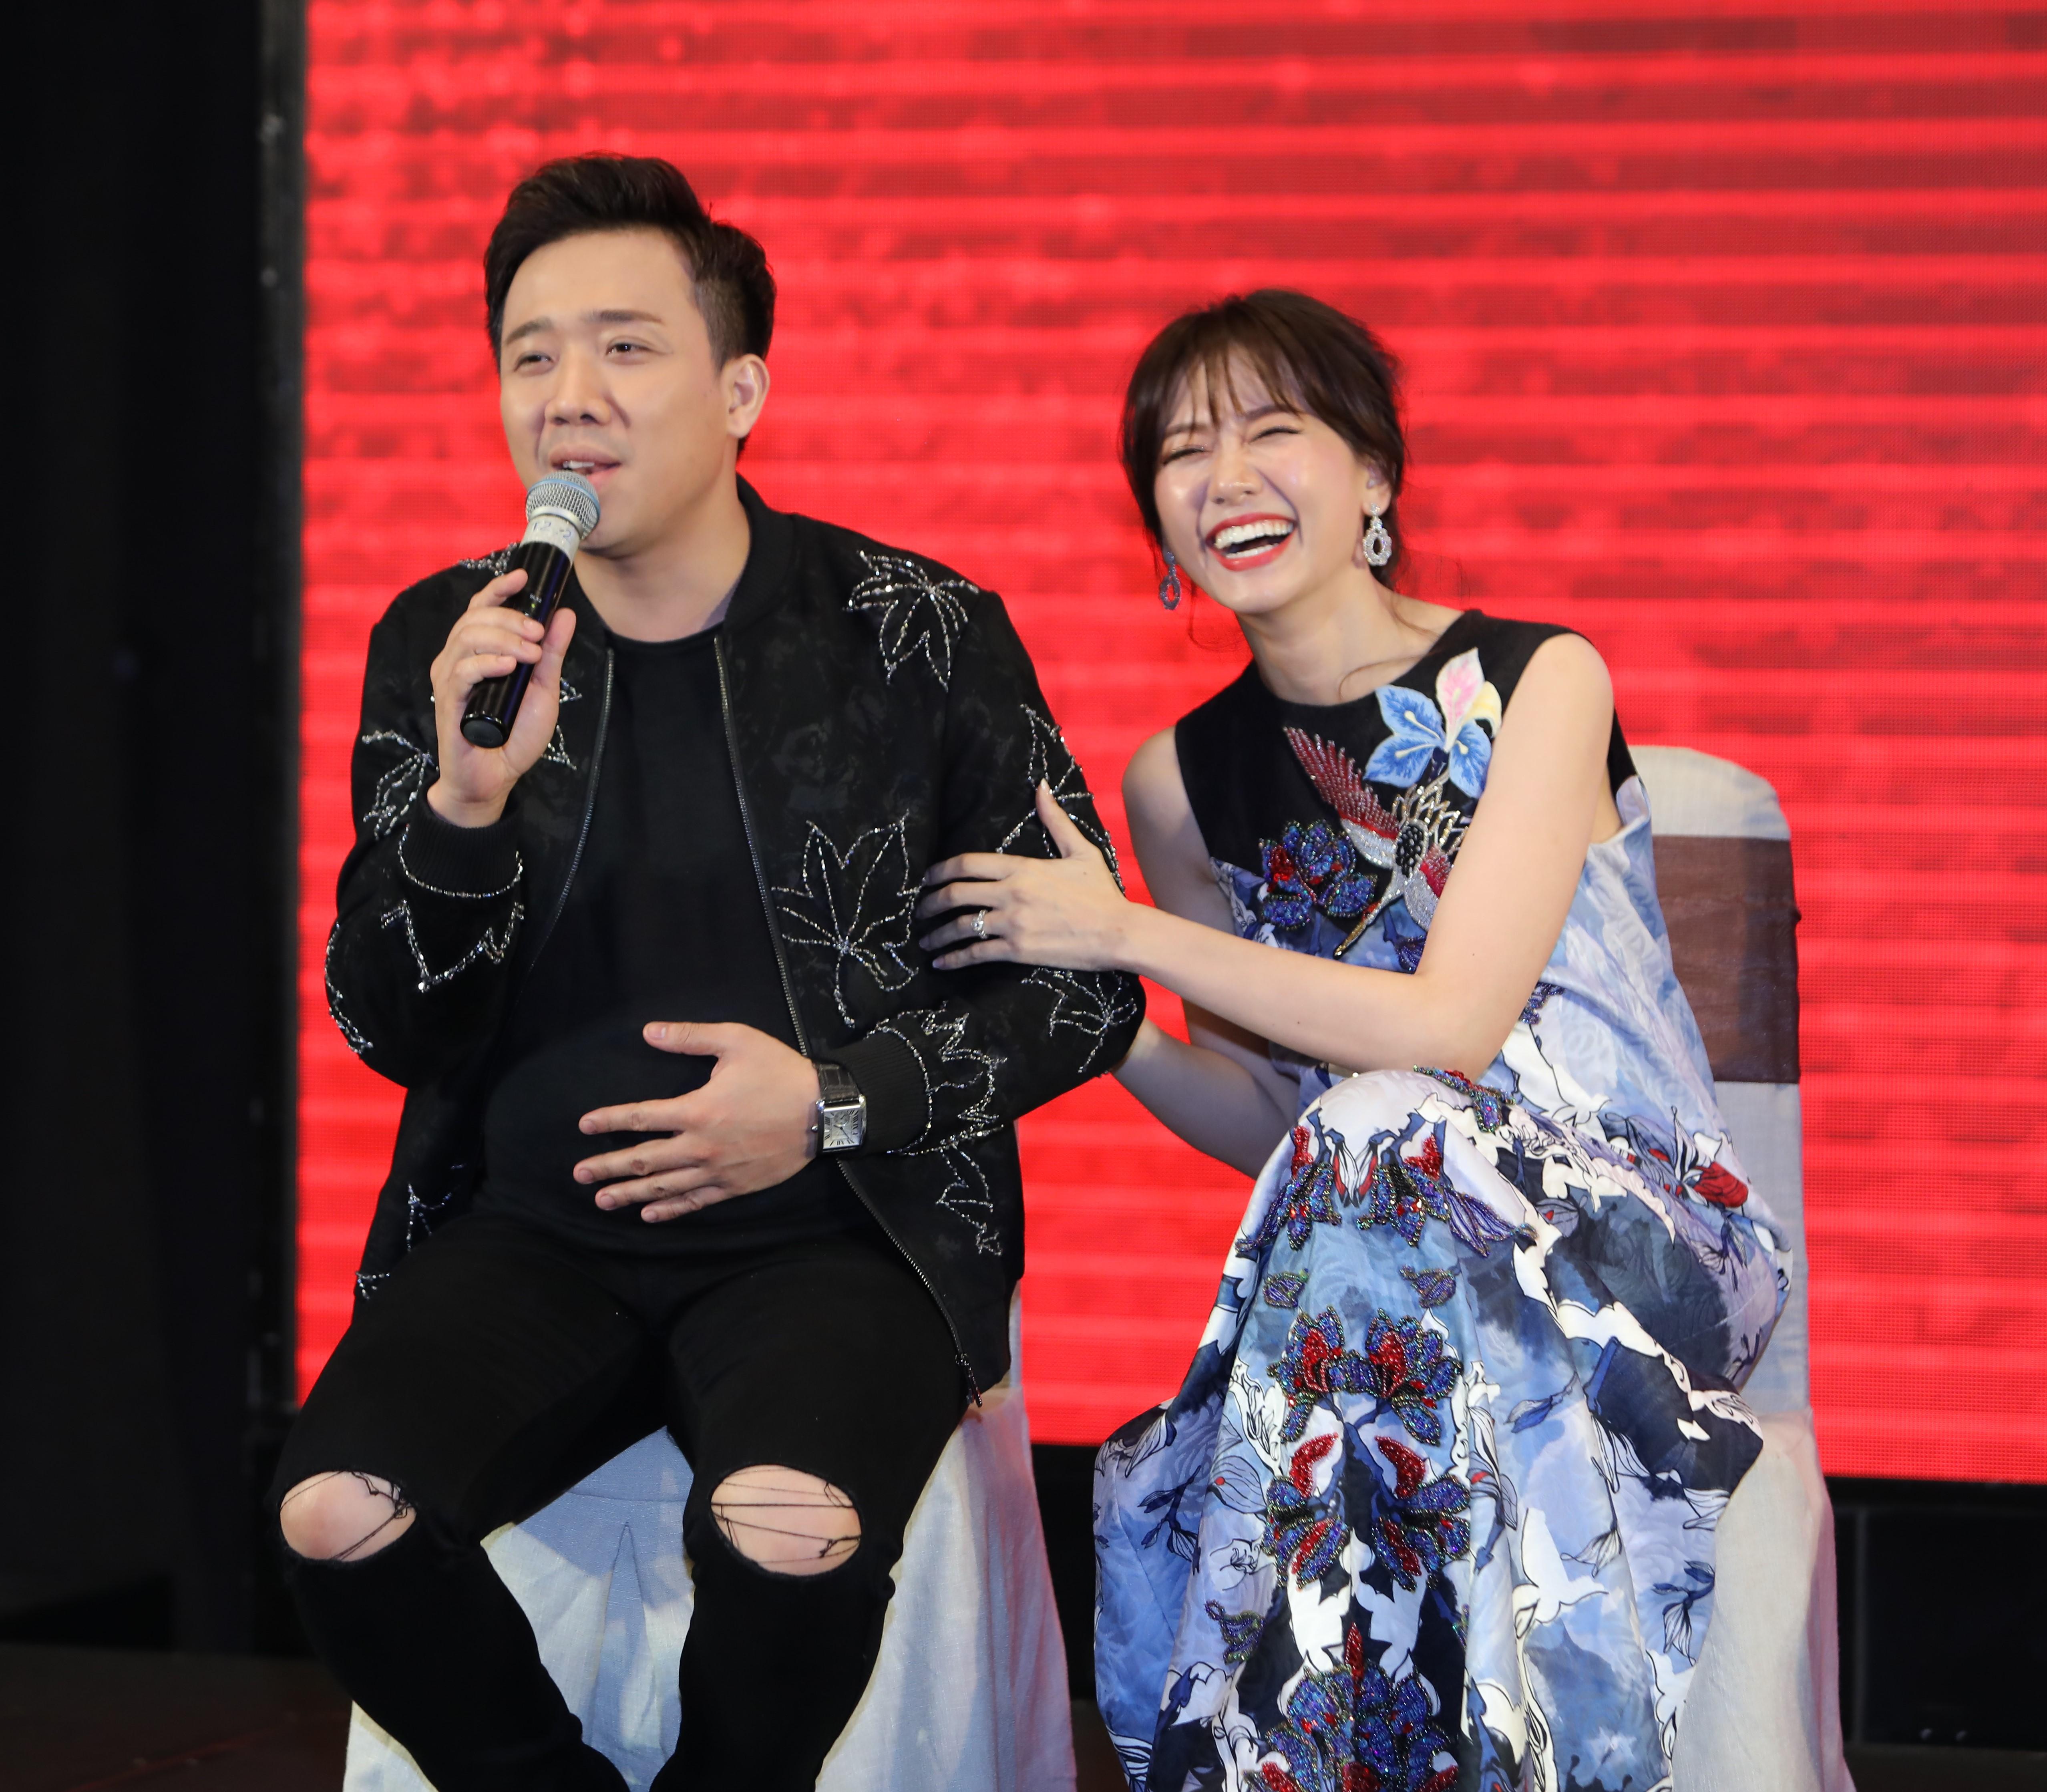 Trong khi đó vợ chồng Trấn Thành - Hari Won chọn trang phục khá màu mè với họa tiết hoa lá nổi bật.